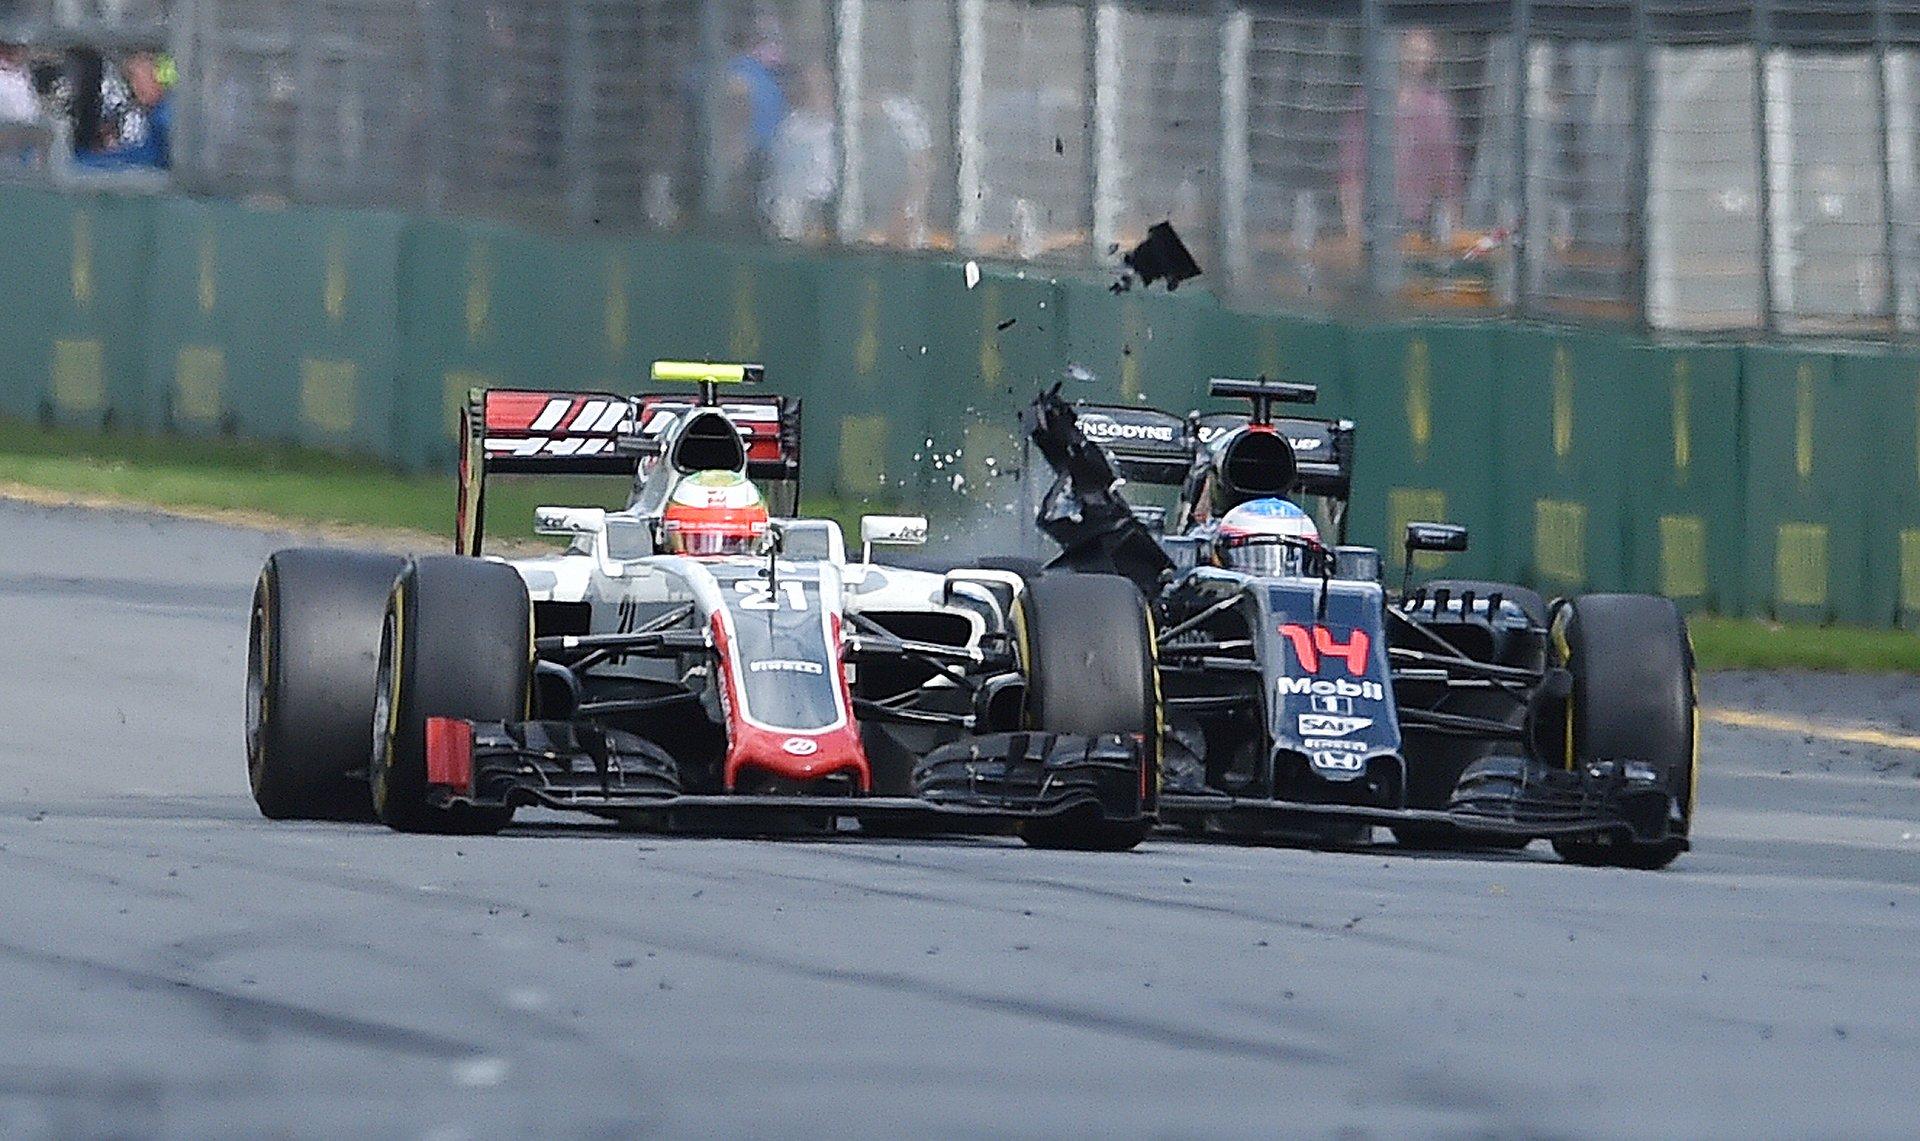 El accidente ocurrió en la 17ª vuelta, entre el español Fernando Alonso (McLaren) y el mexicano Esteban Gutiérrez (Haas)